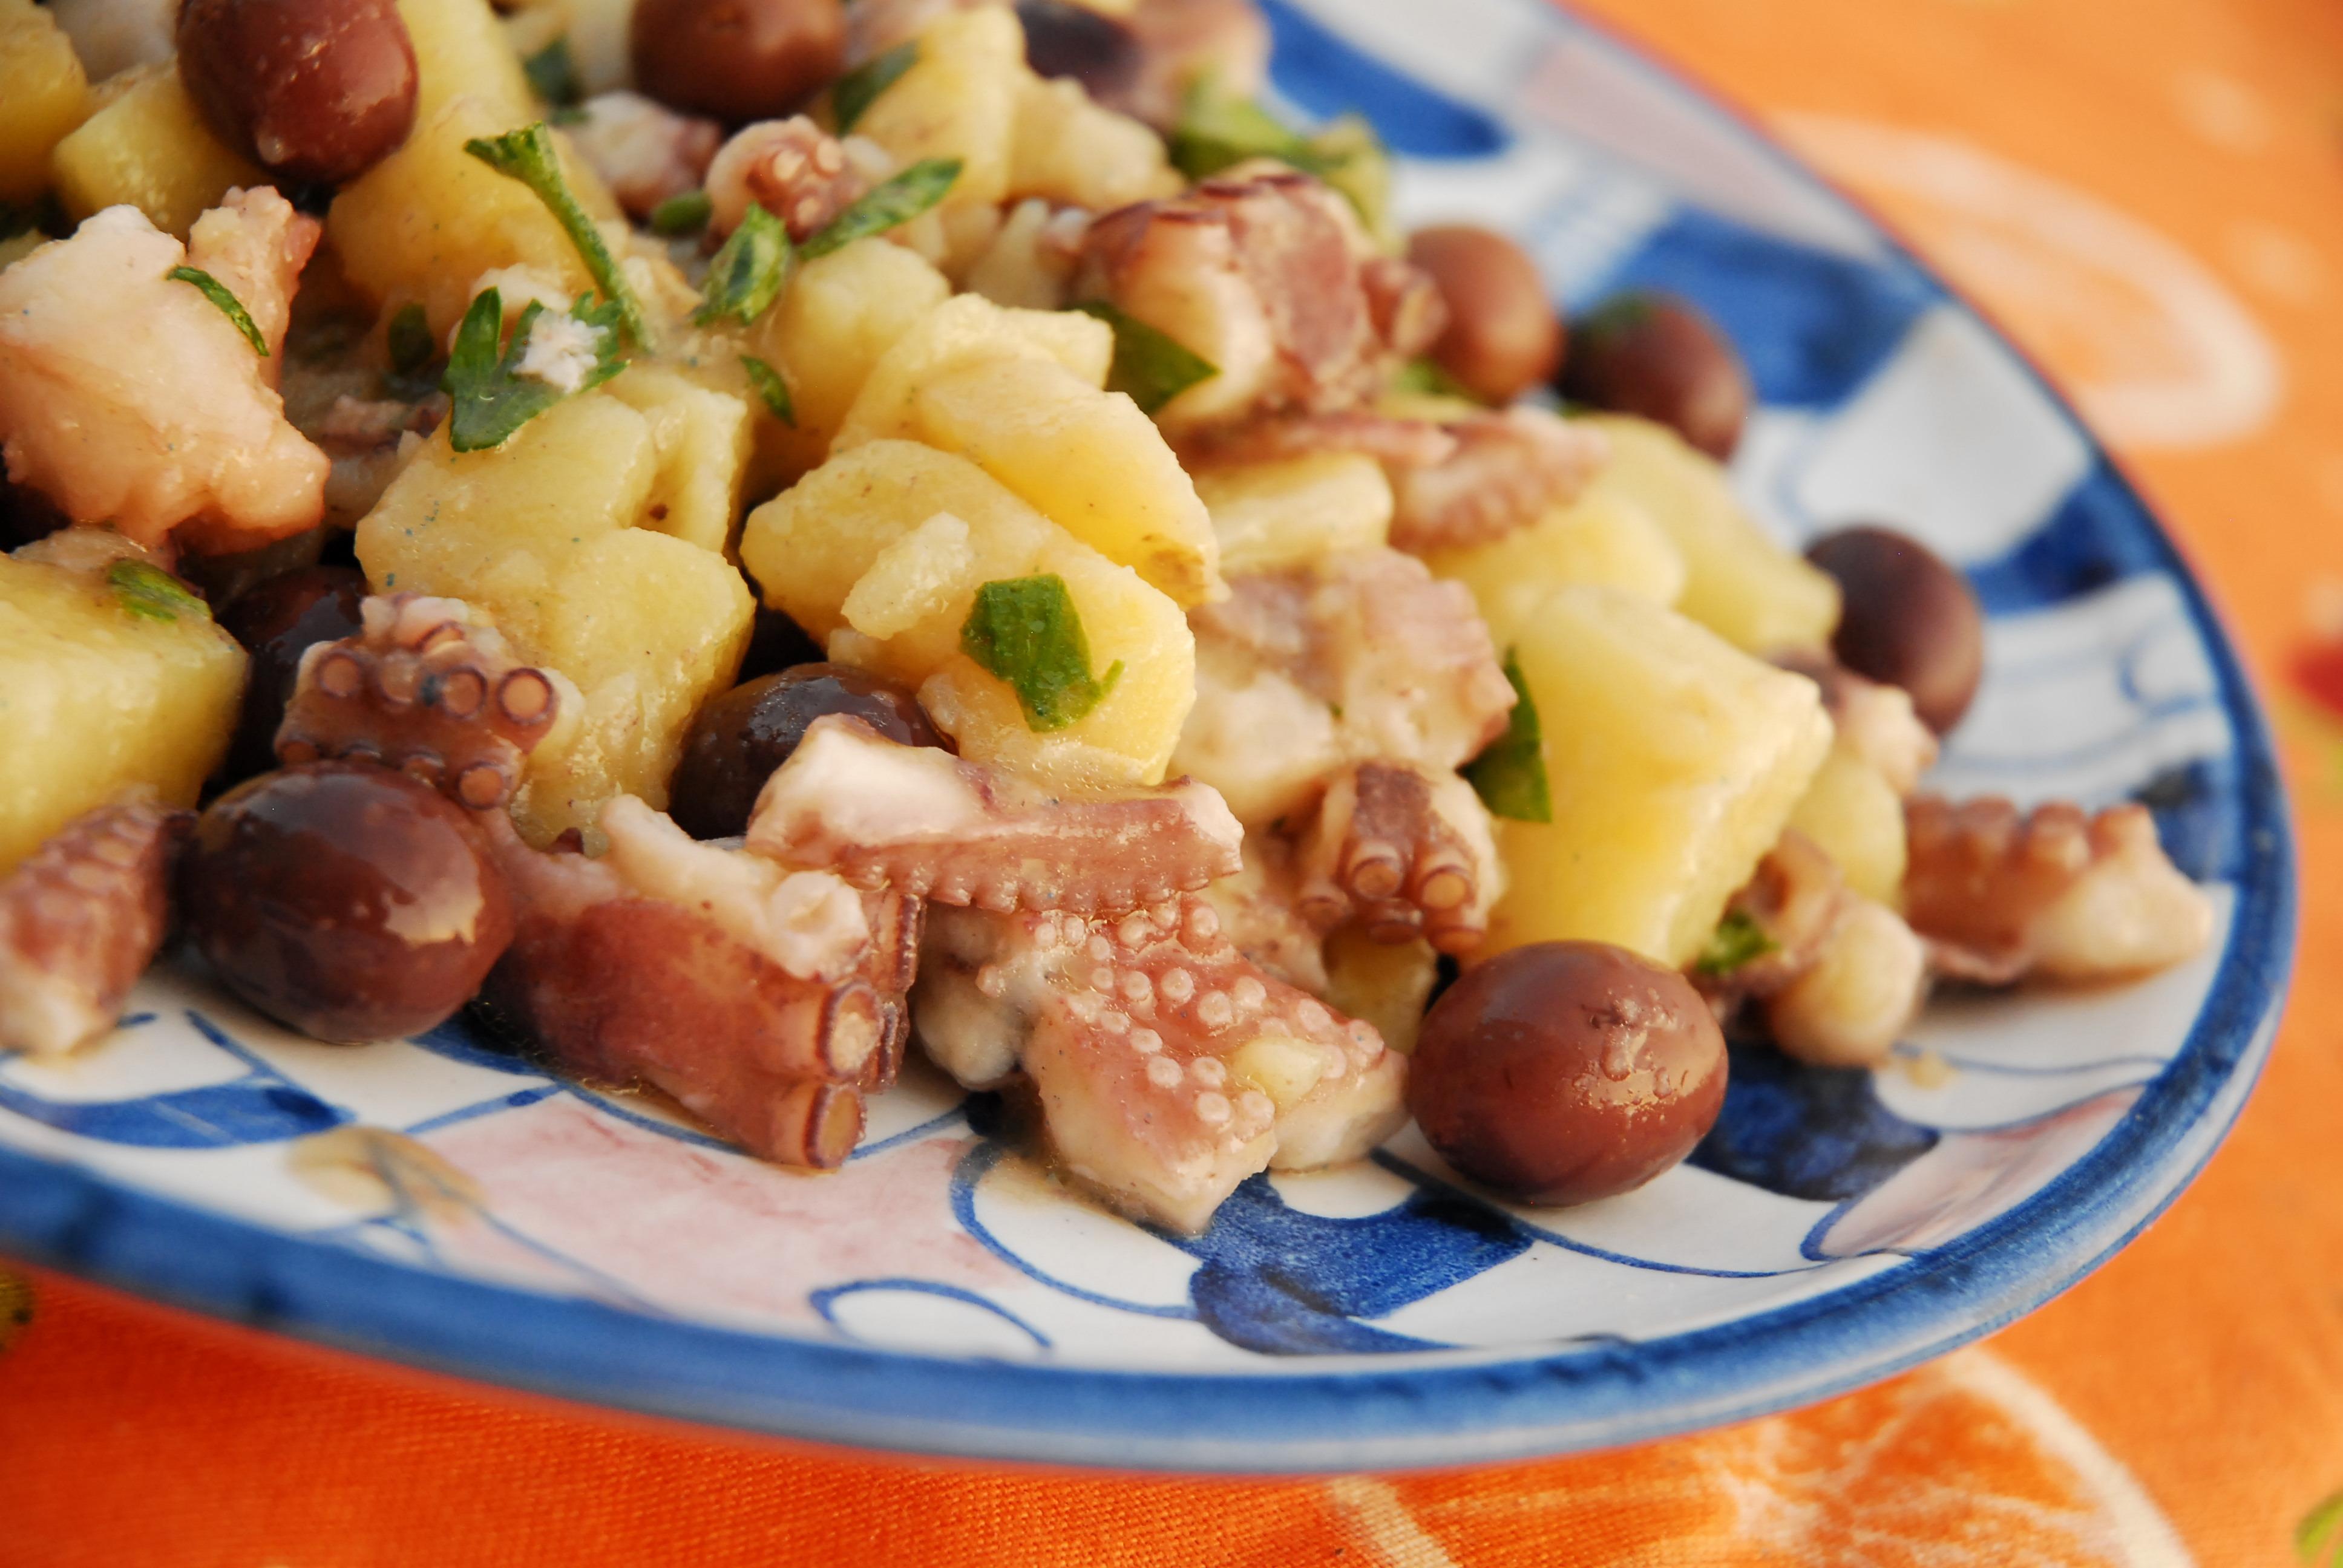 Tintenfischsalat mit Kartoffeln